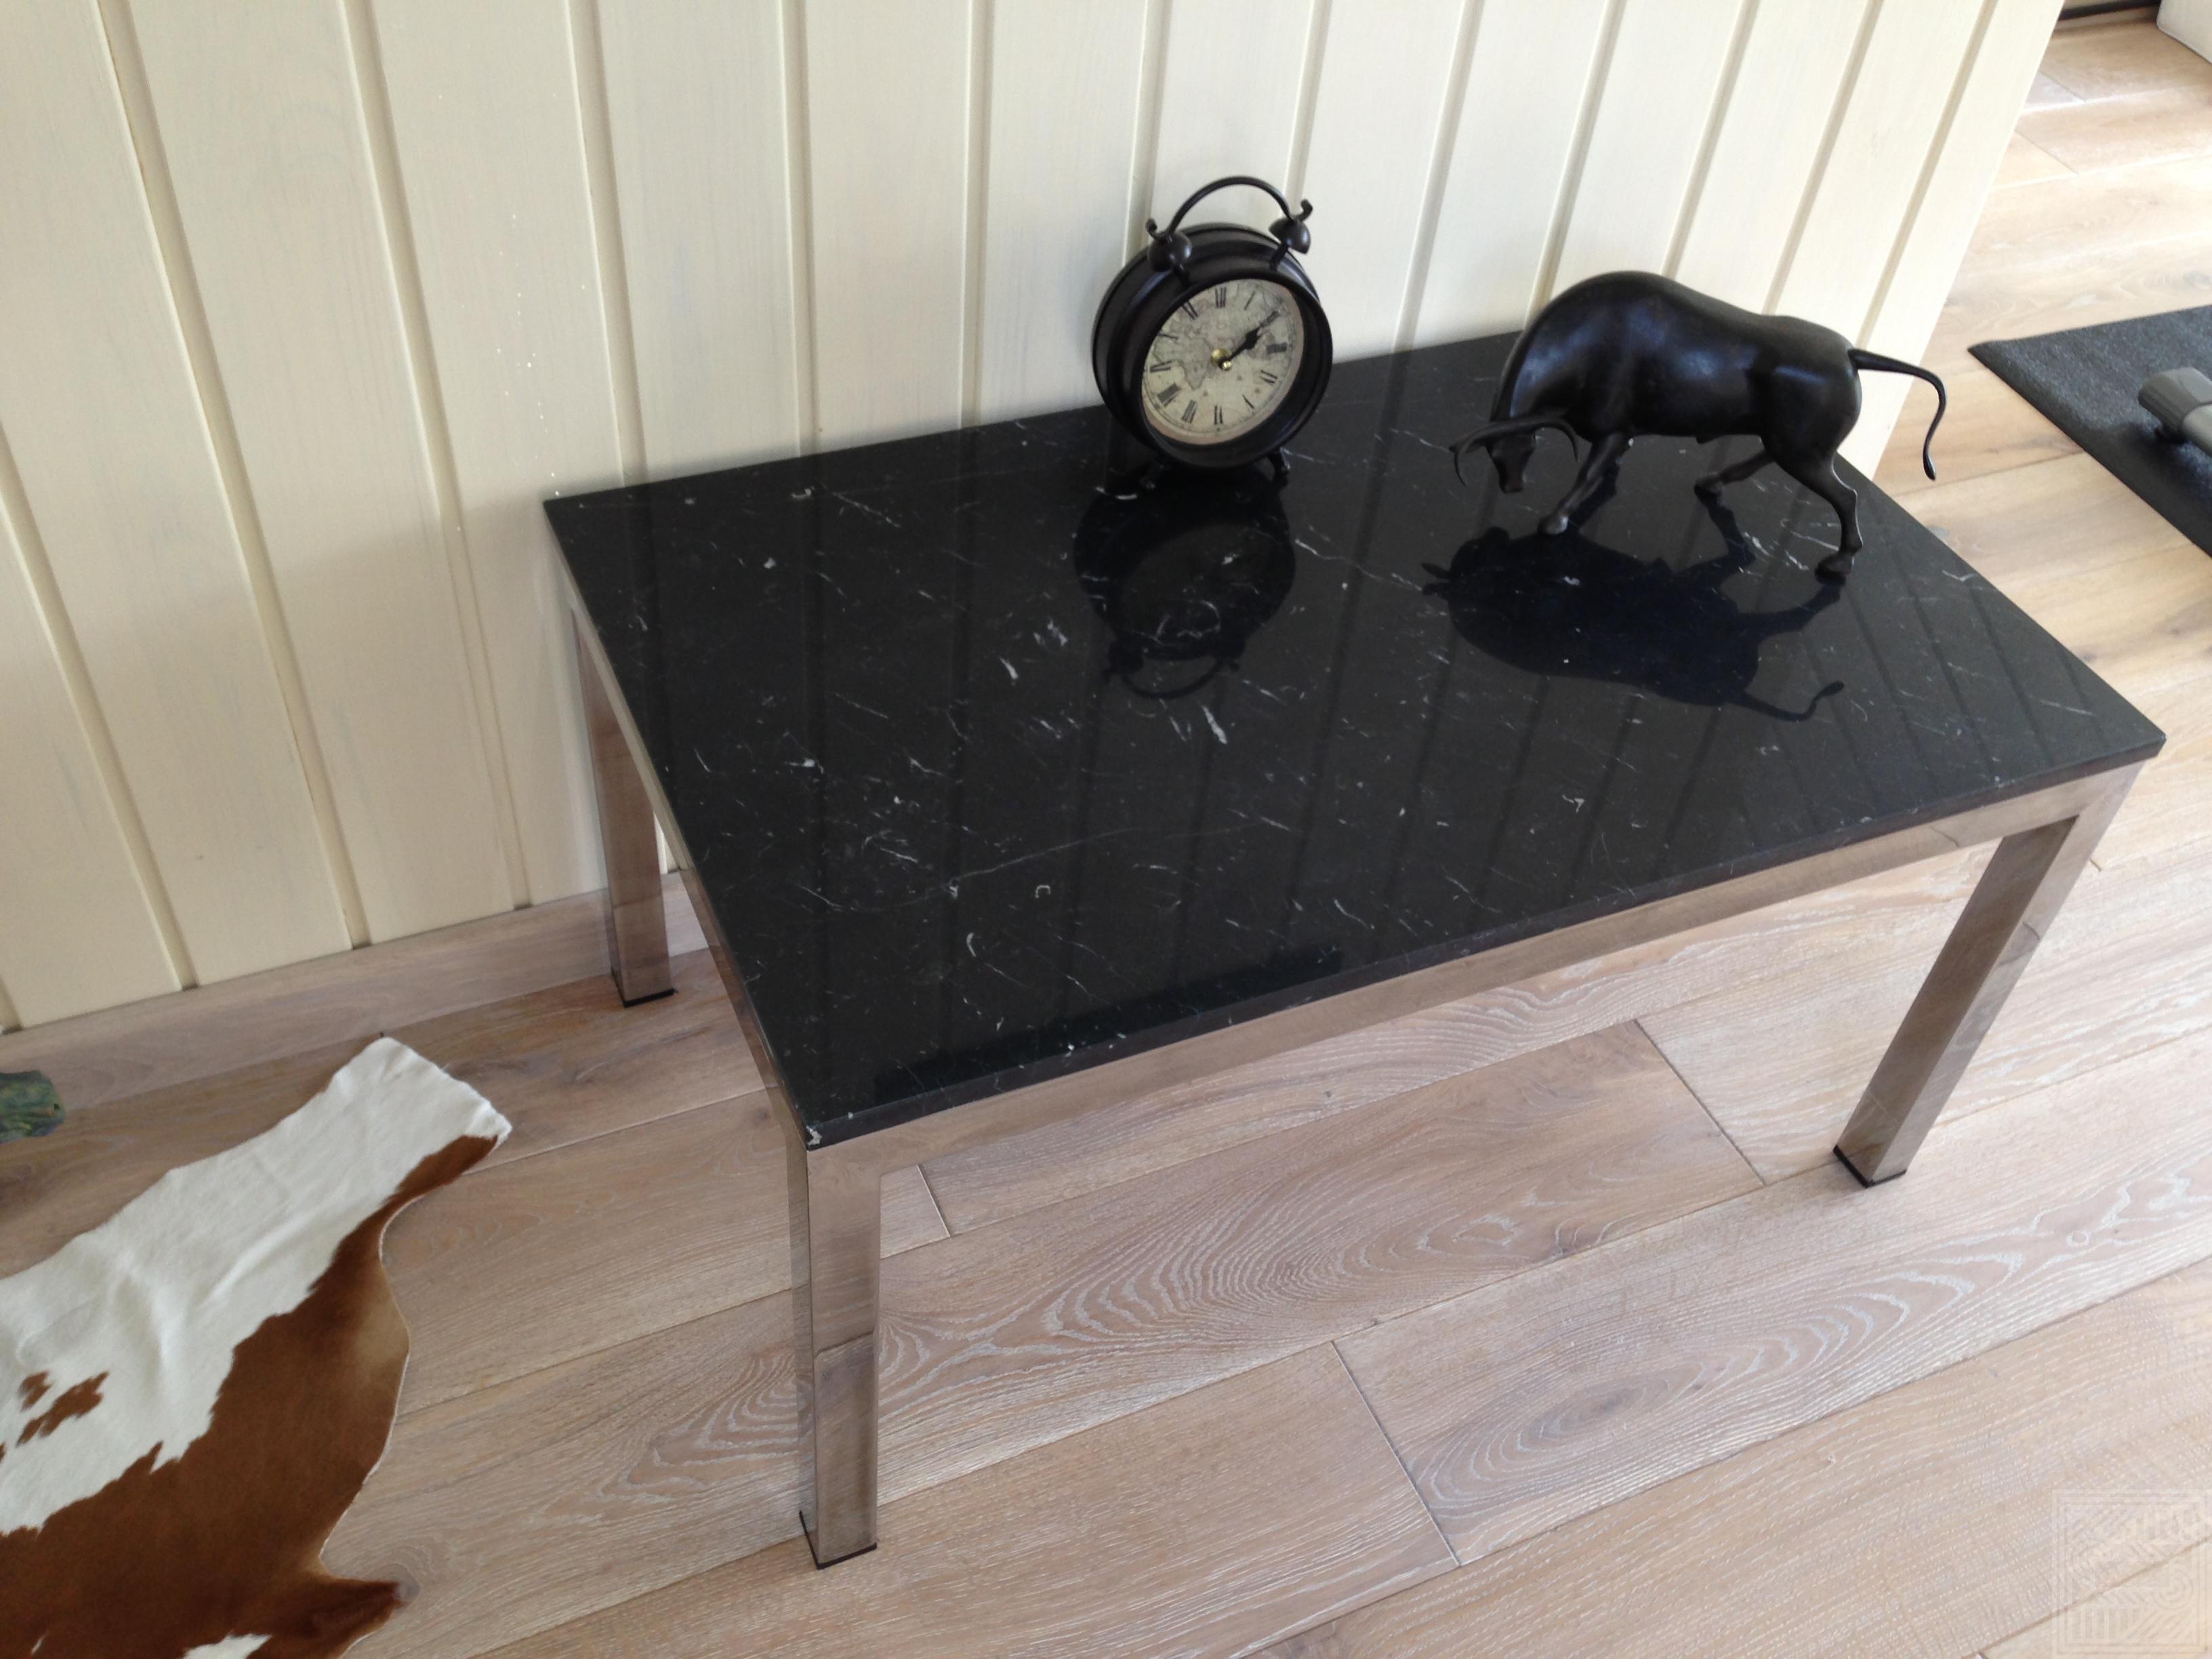 Мраморный столик Nero Marquino 20 мм furniture - Mramornij stolik Nero Marquino 20 mm